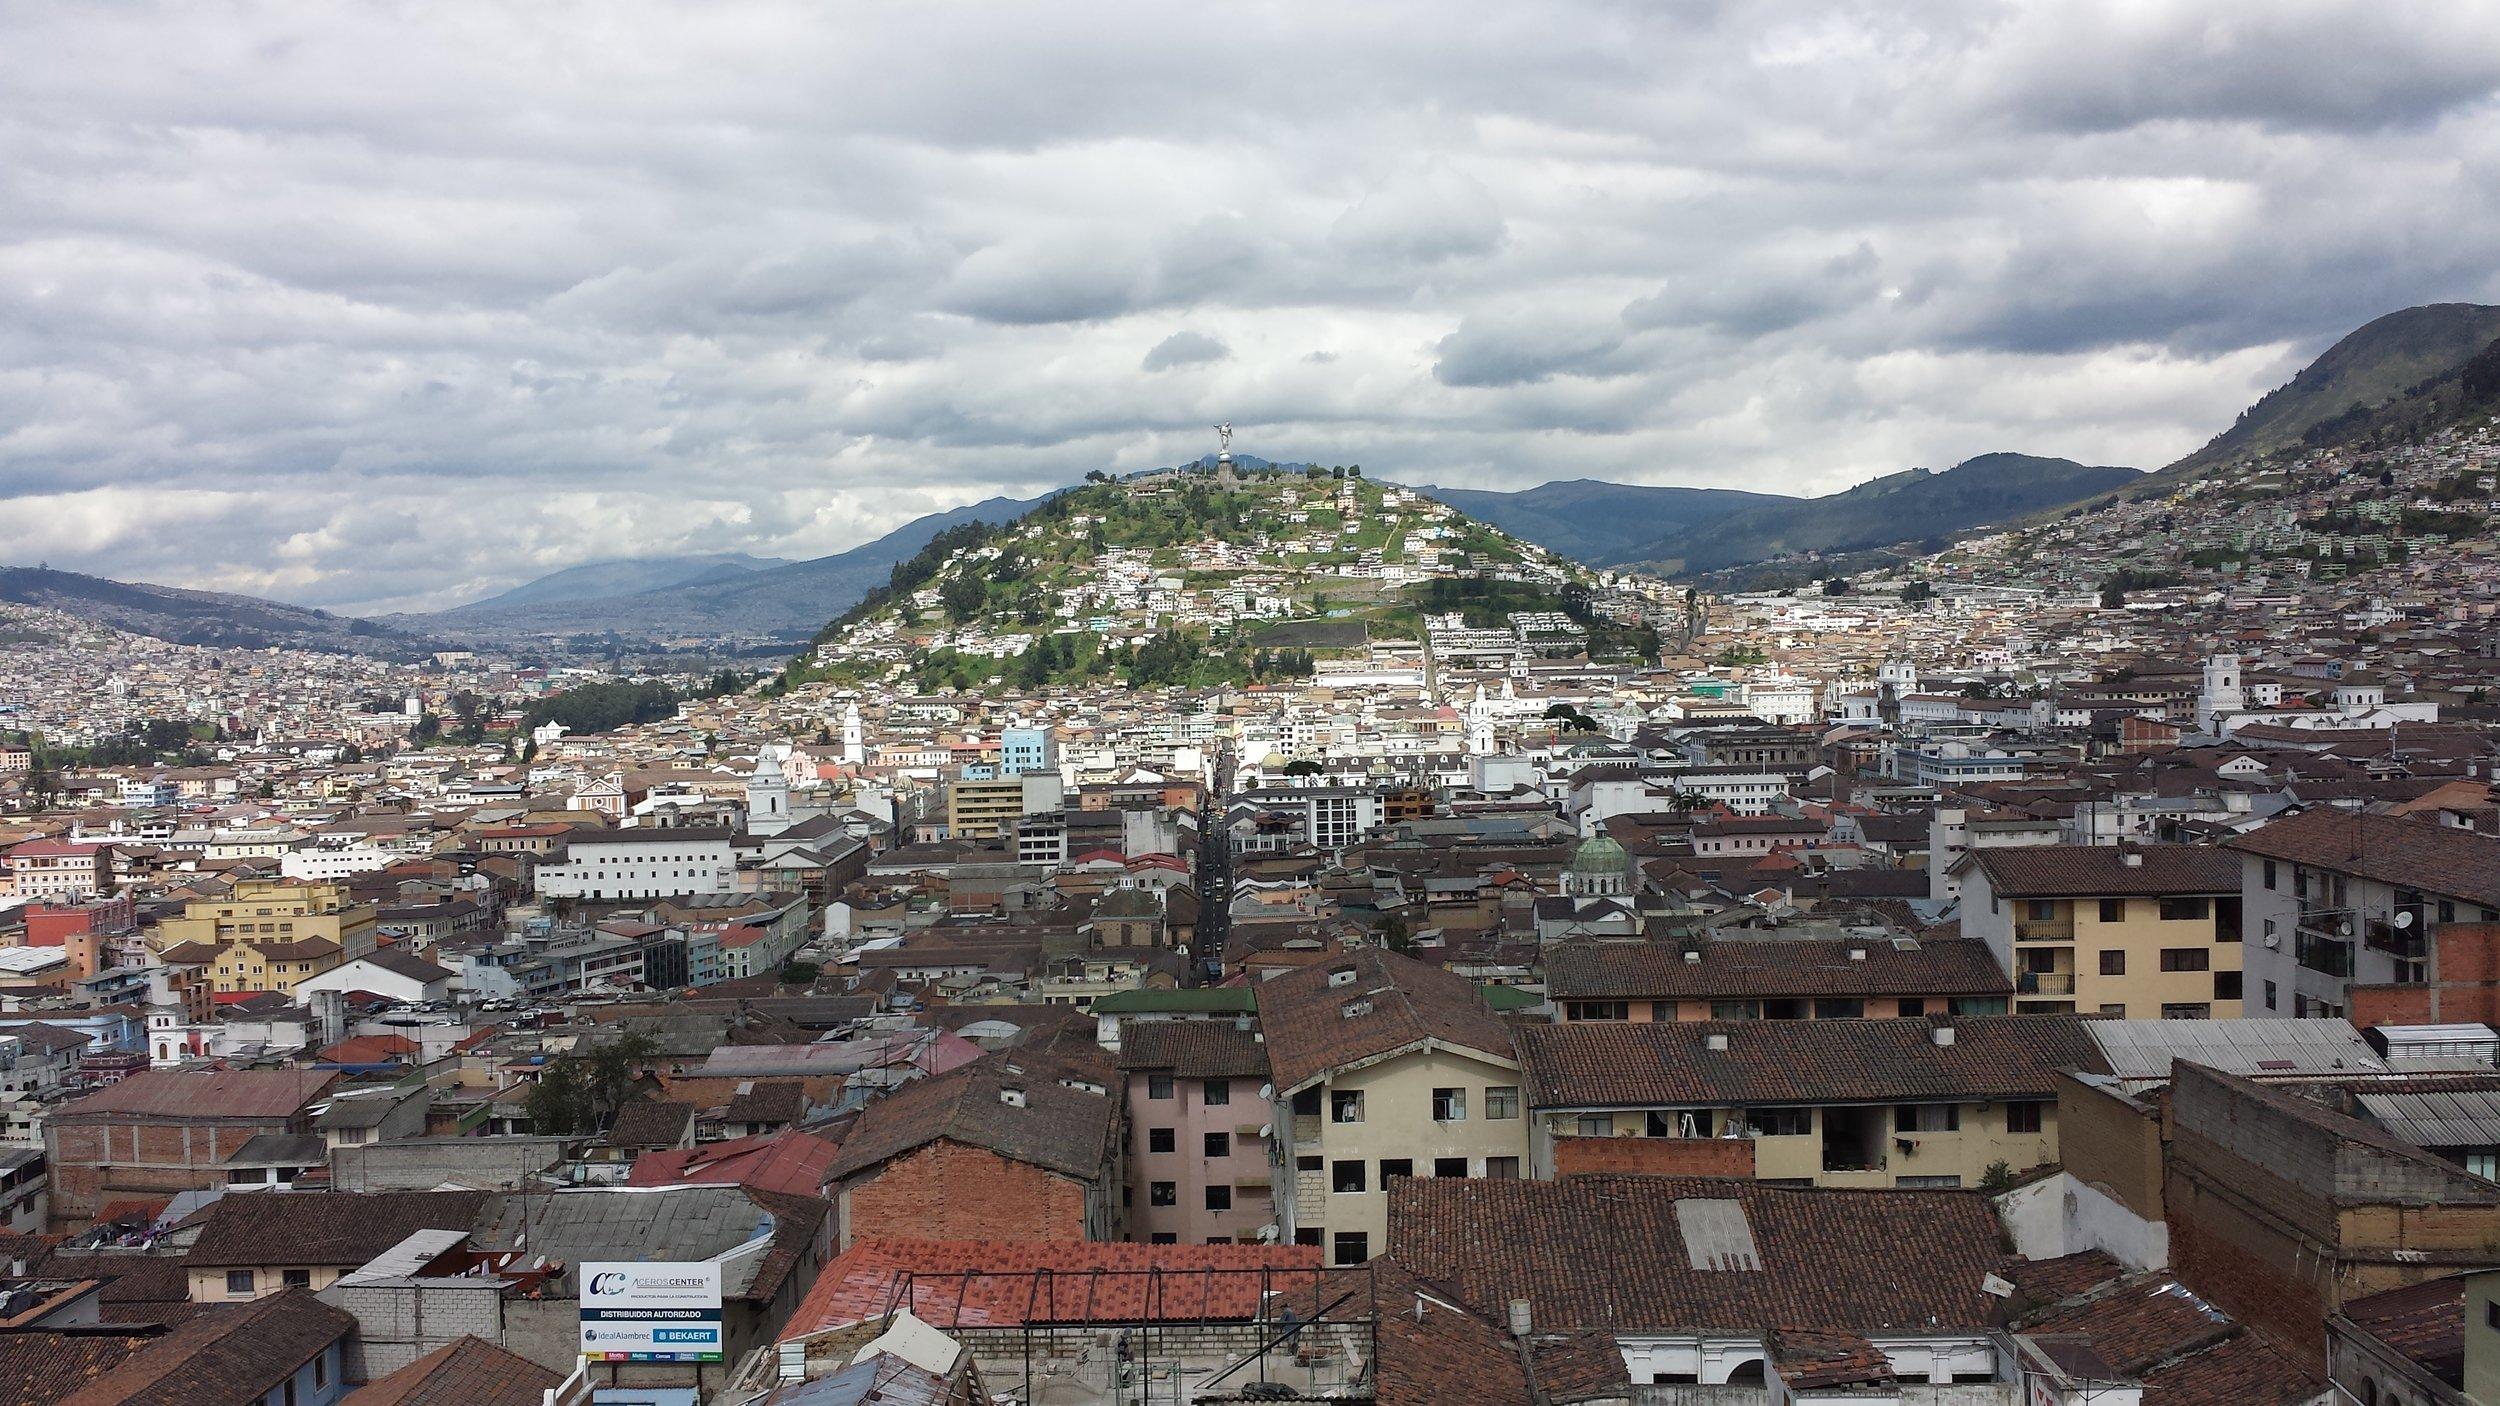 3 - Quito